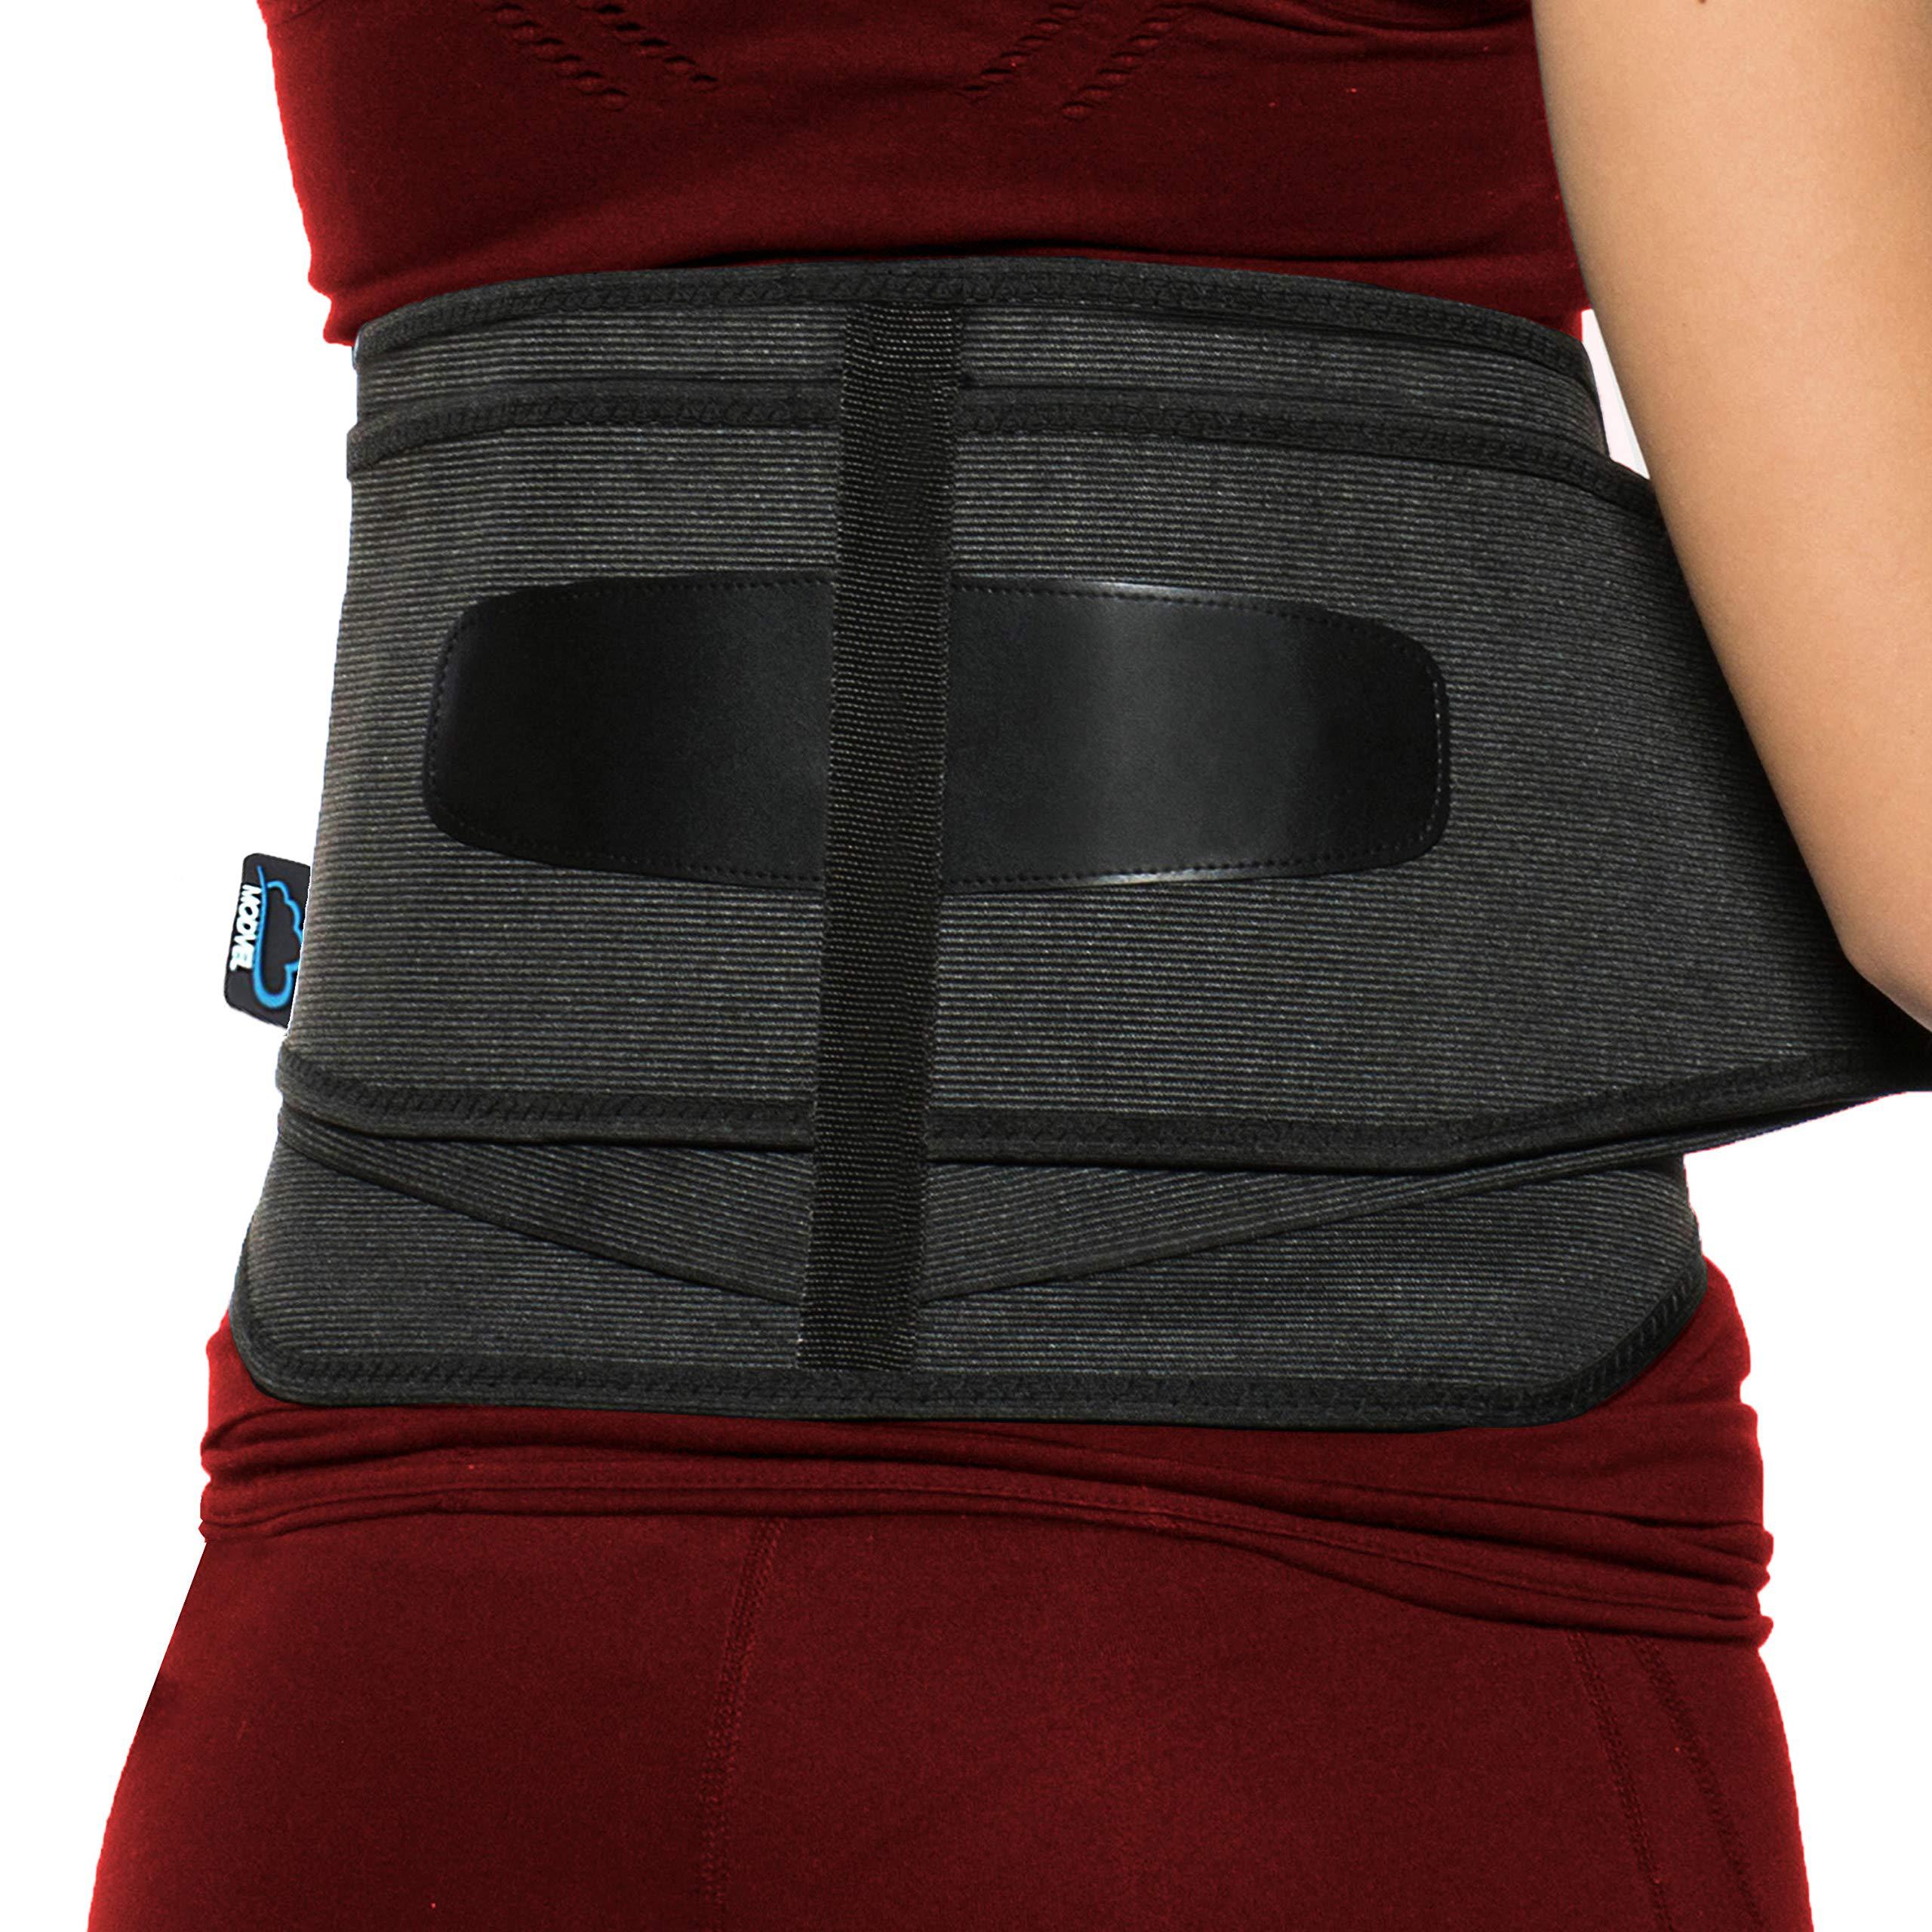 f64c1b1ccf4 Modvel Lower Back Lumbar Support Brace for Men   Women - Orthopedic Posture  Corrector Brace Belt